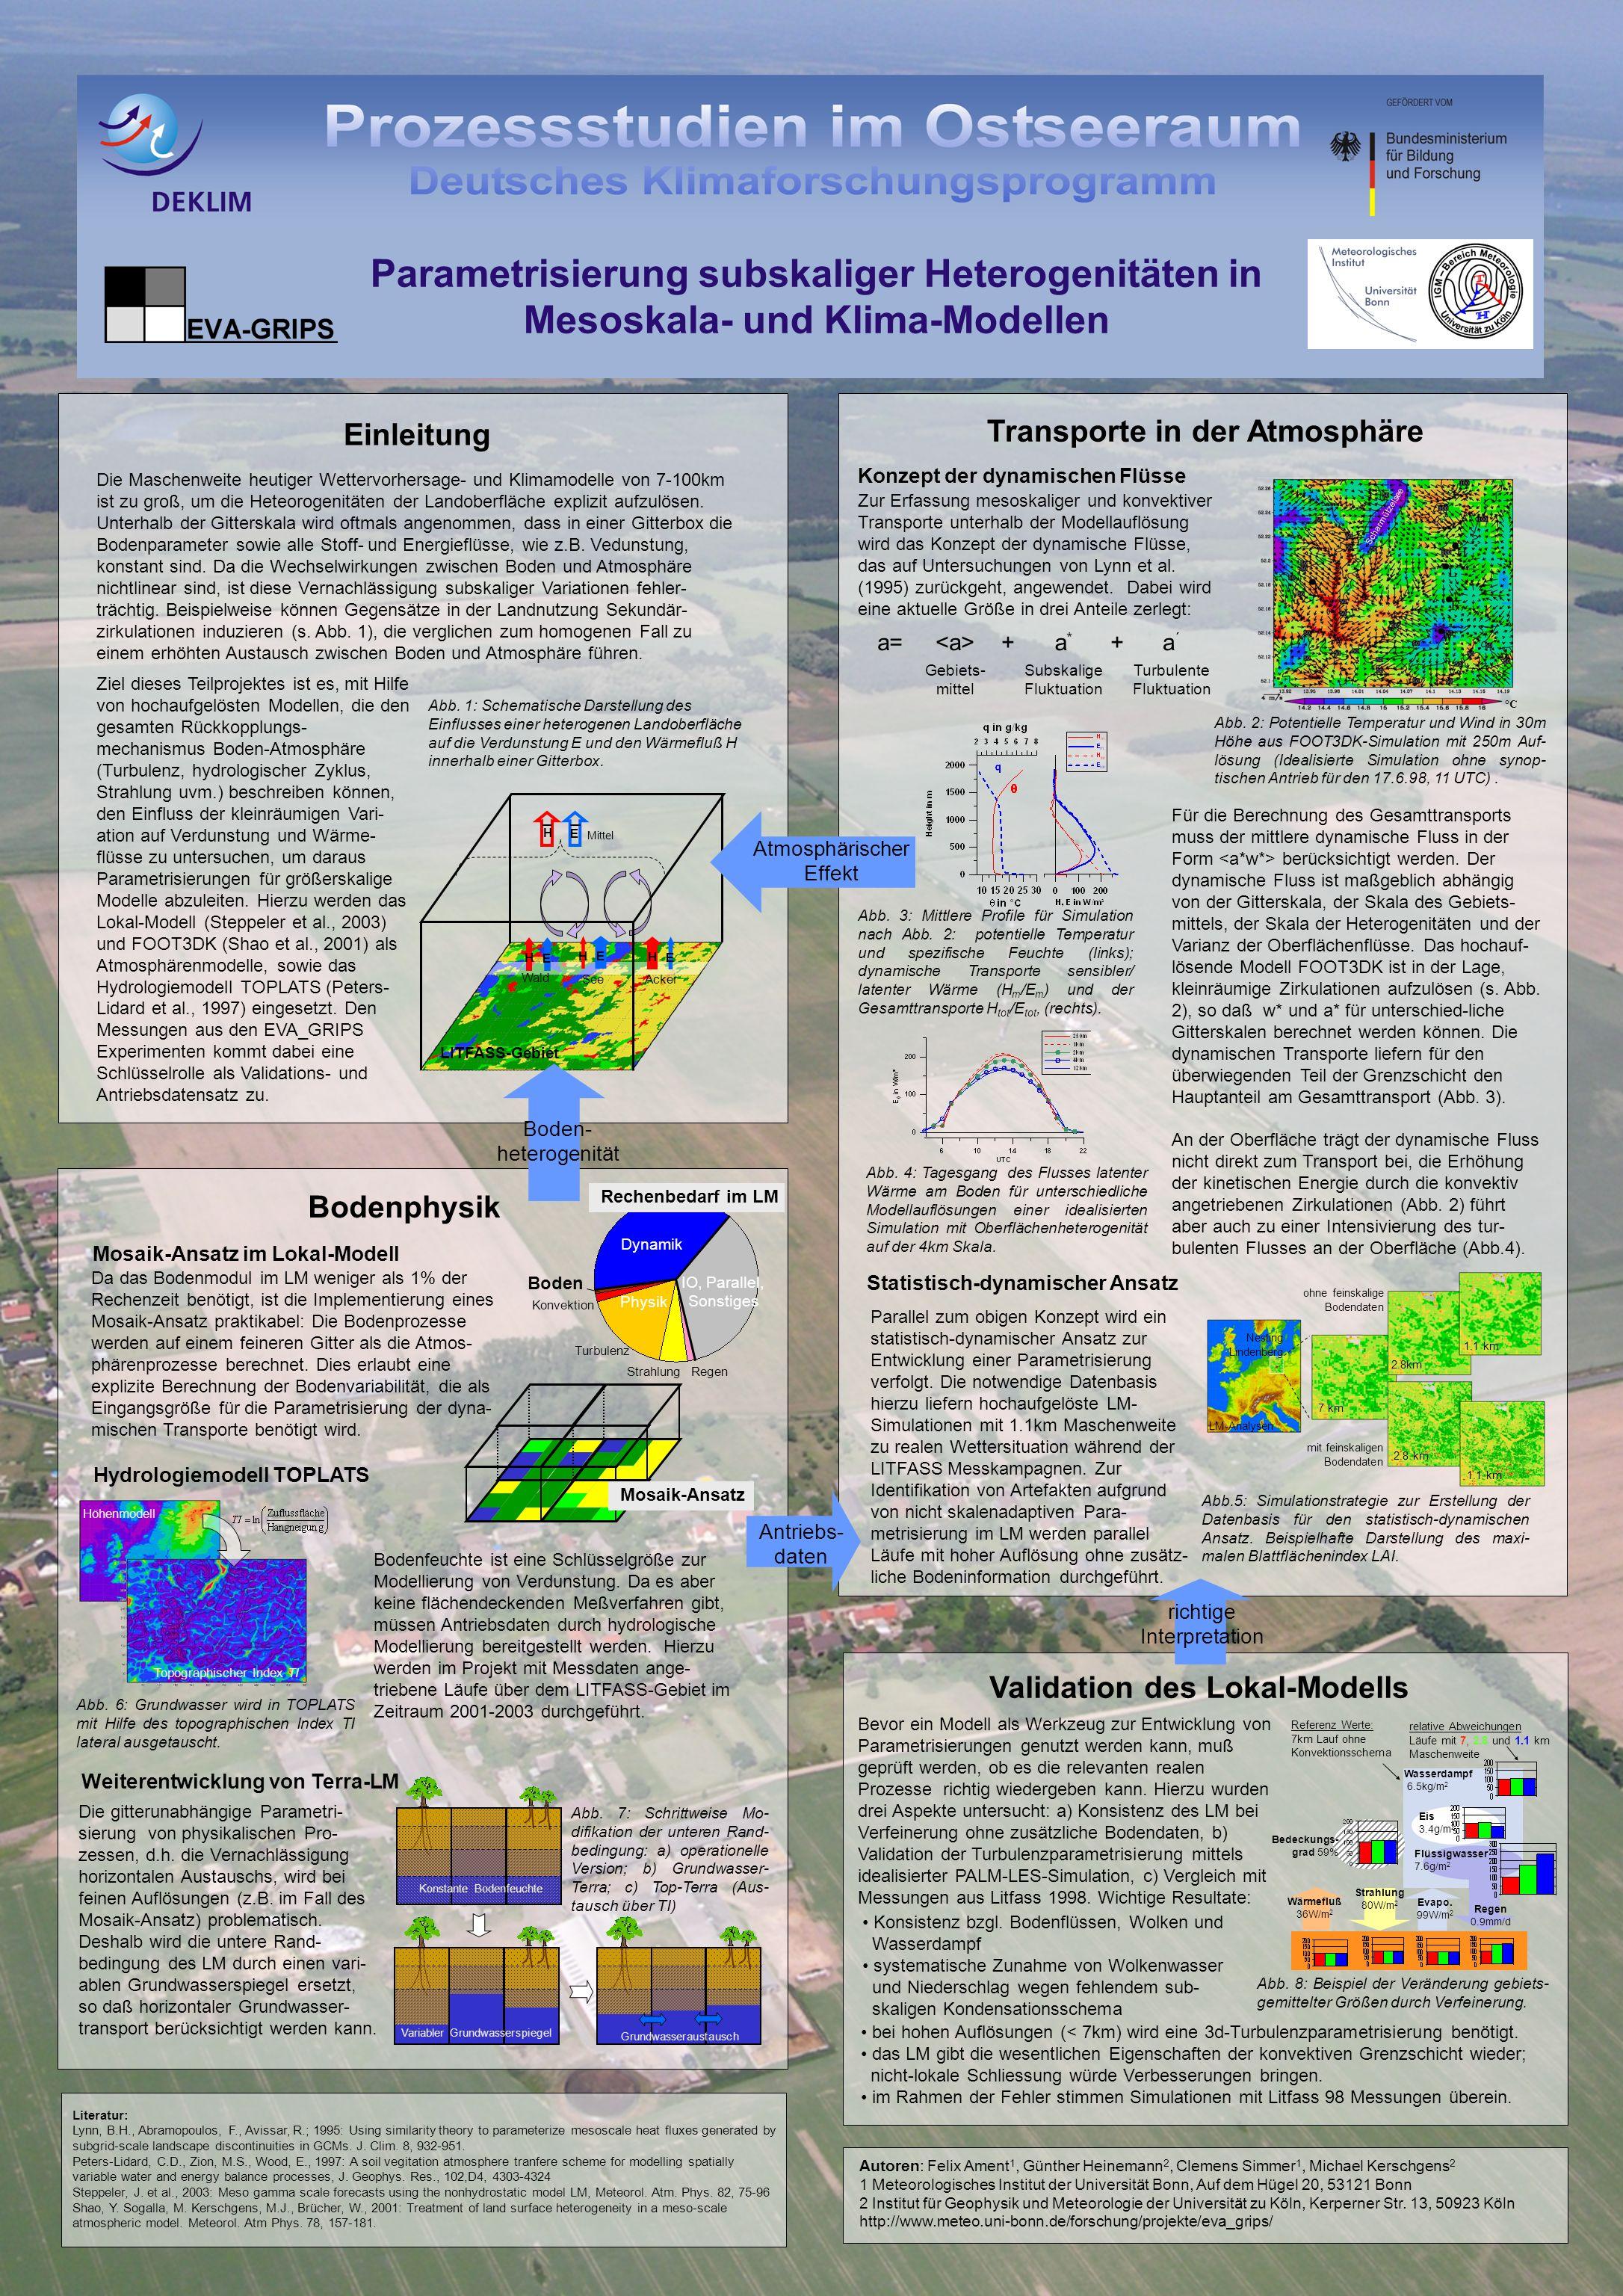 Parametrisierung subskaliger Heterogenitäten in Mesoskala- und Klima-Modellen